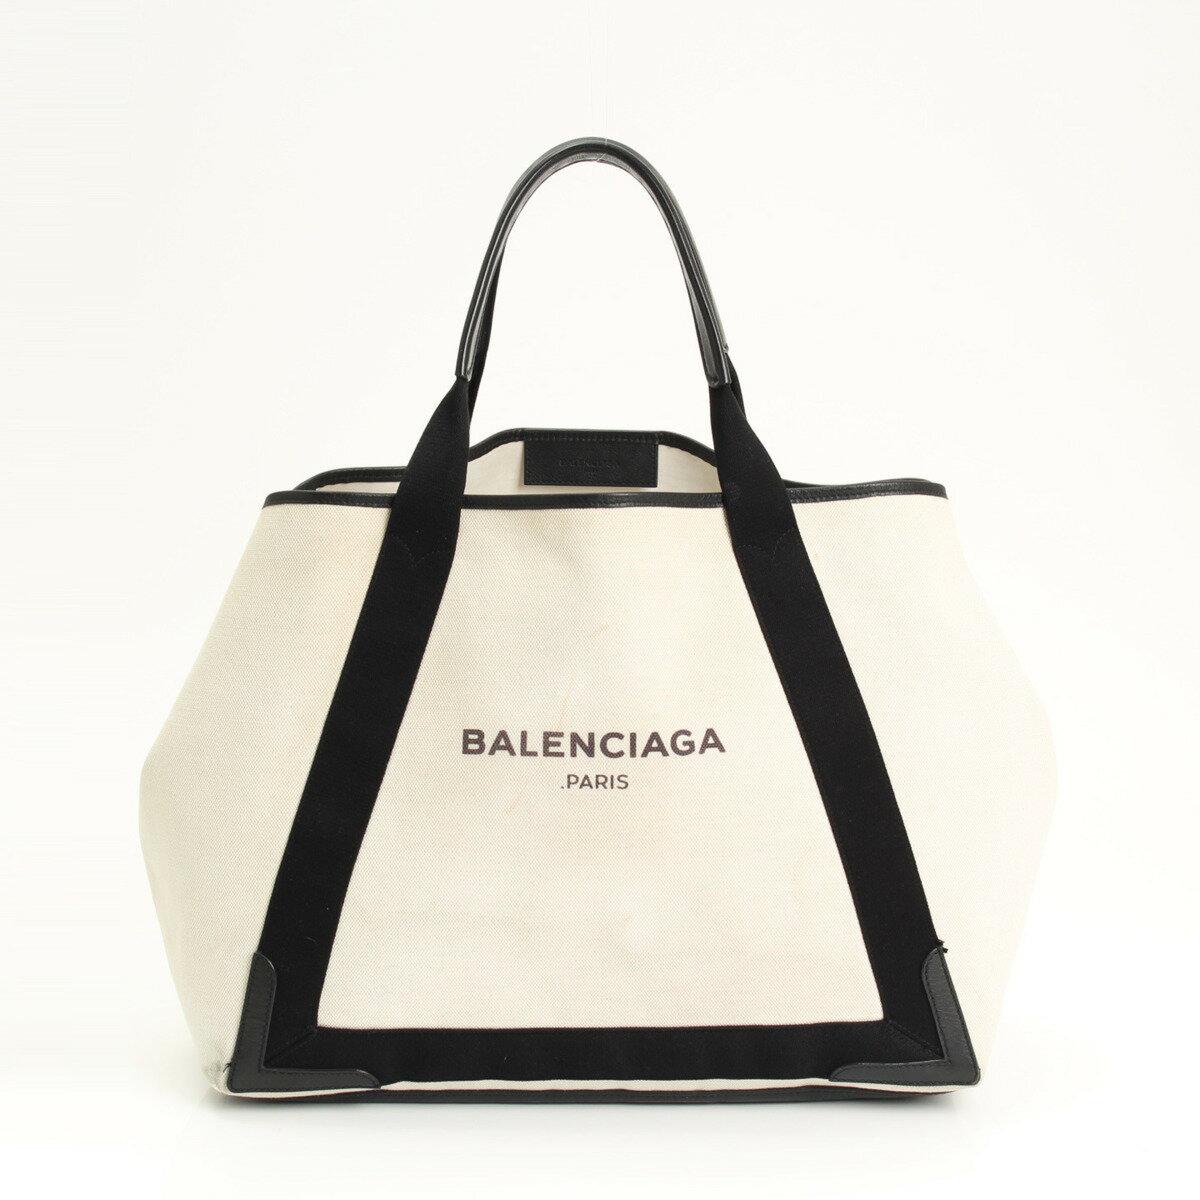 【バレンシアガ】Balenciaga カバス キャンバス レザー トート 339936 【中古】【鑑定済・正規品保証】【送料無料】15514